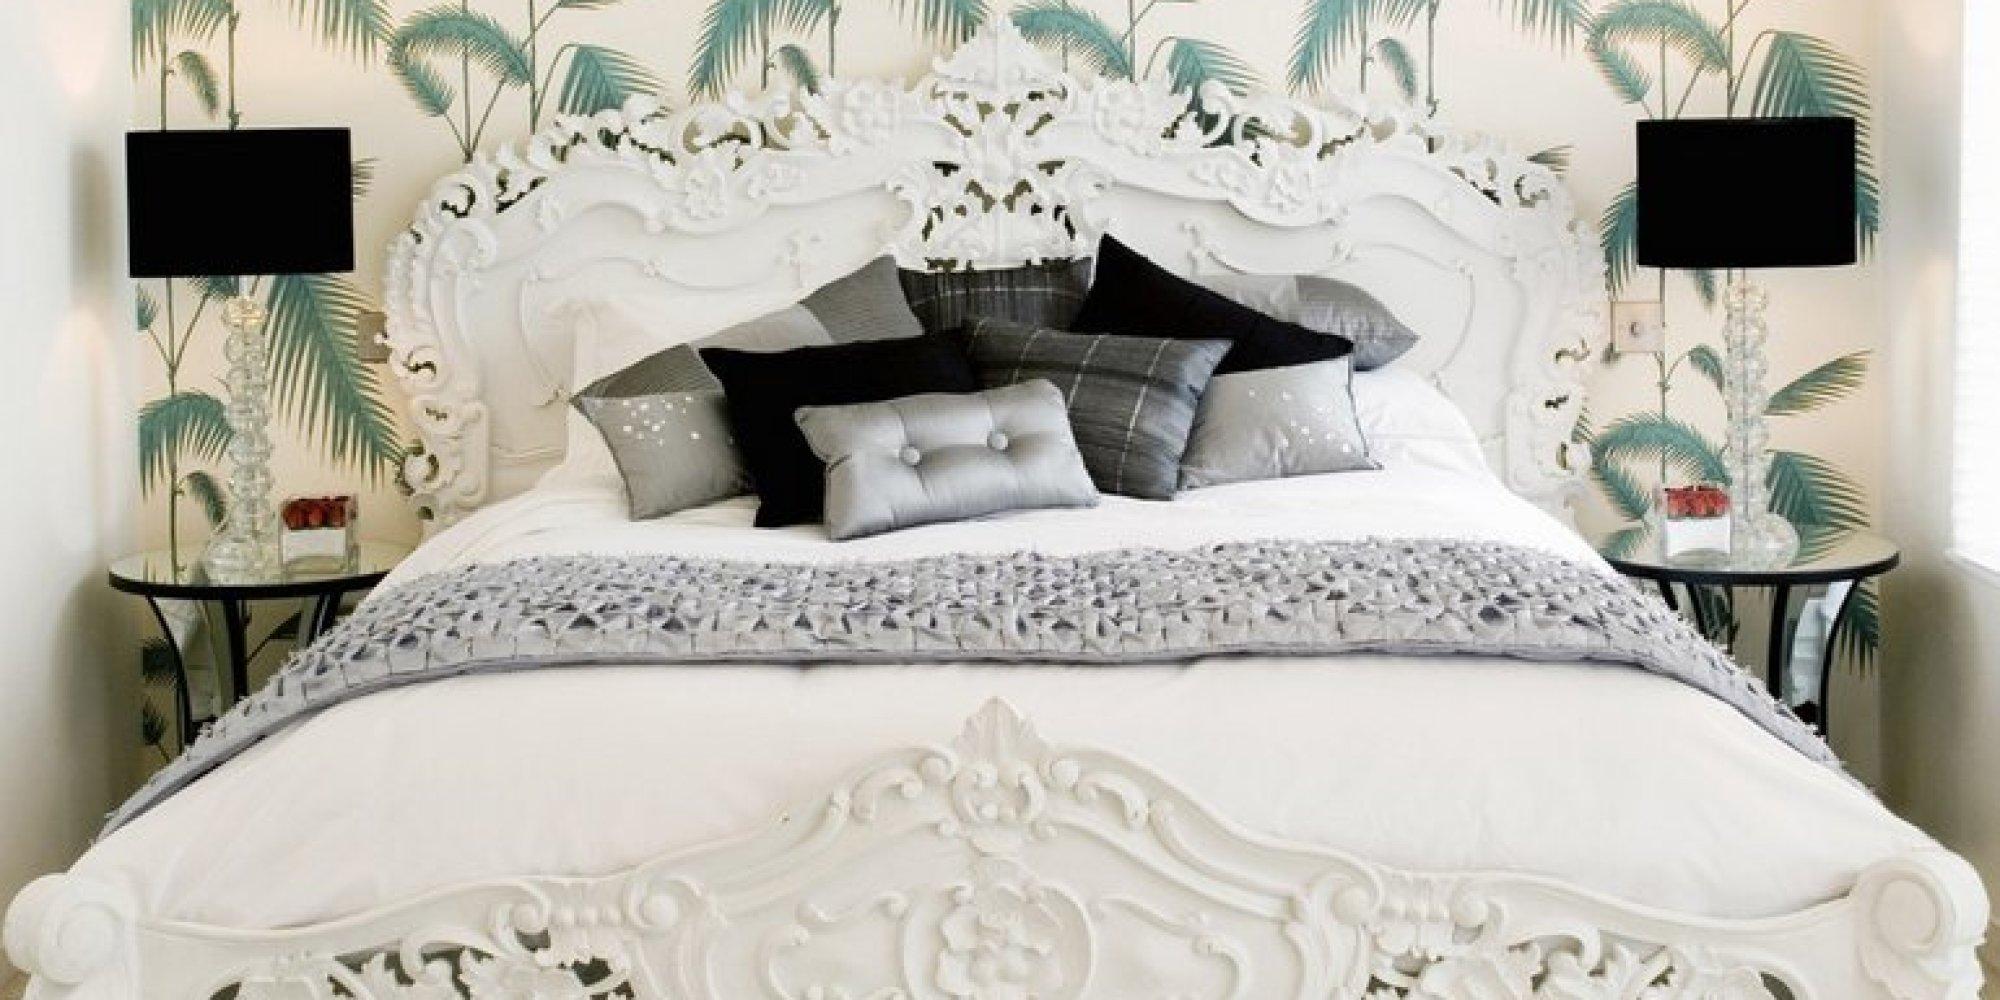 new sets comforter lostcoastshuttle of queen decor bedding bed set gallery unique photos ideas